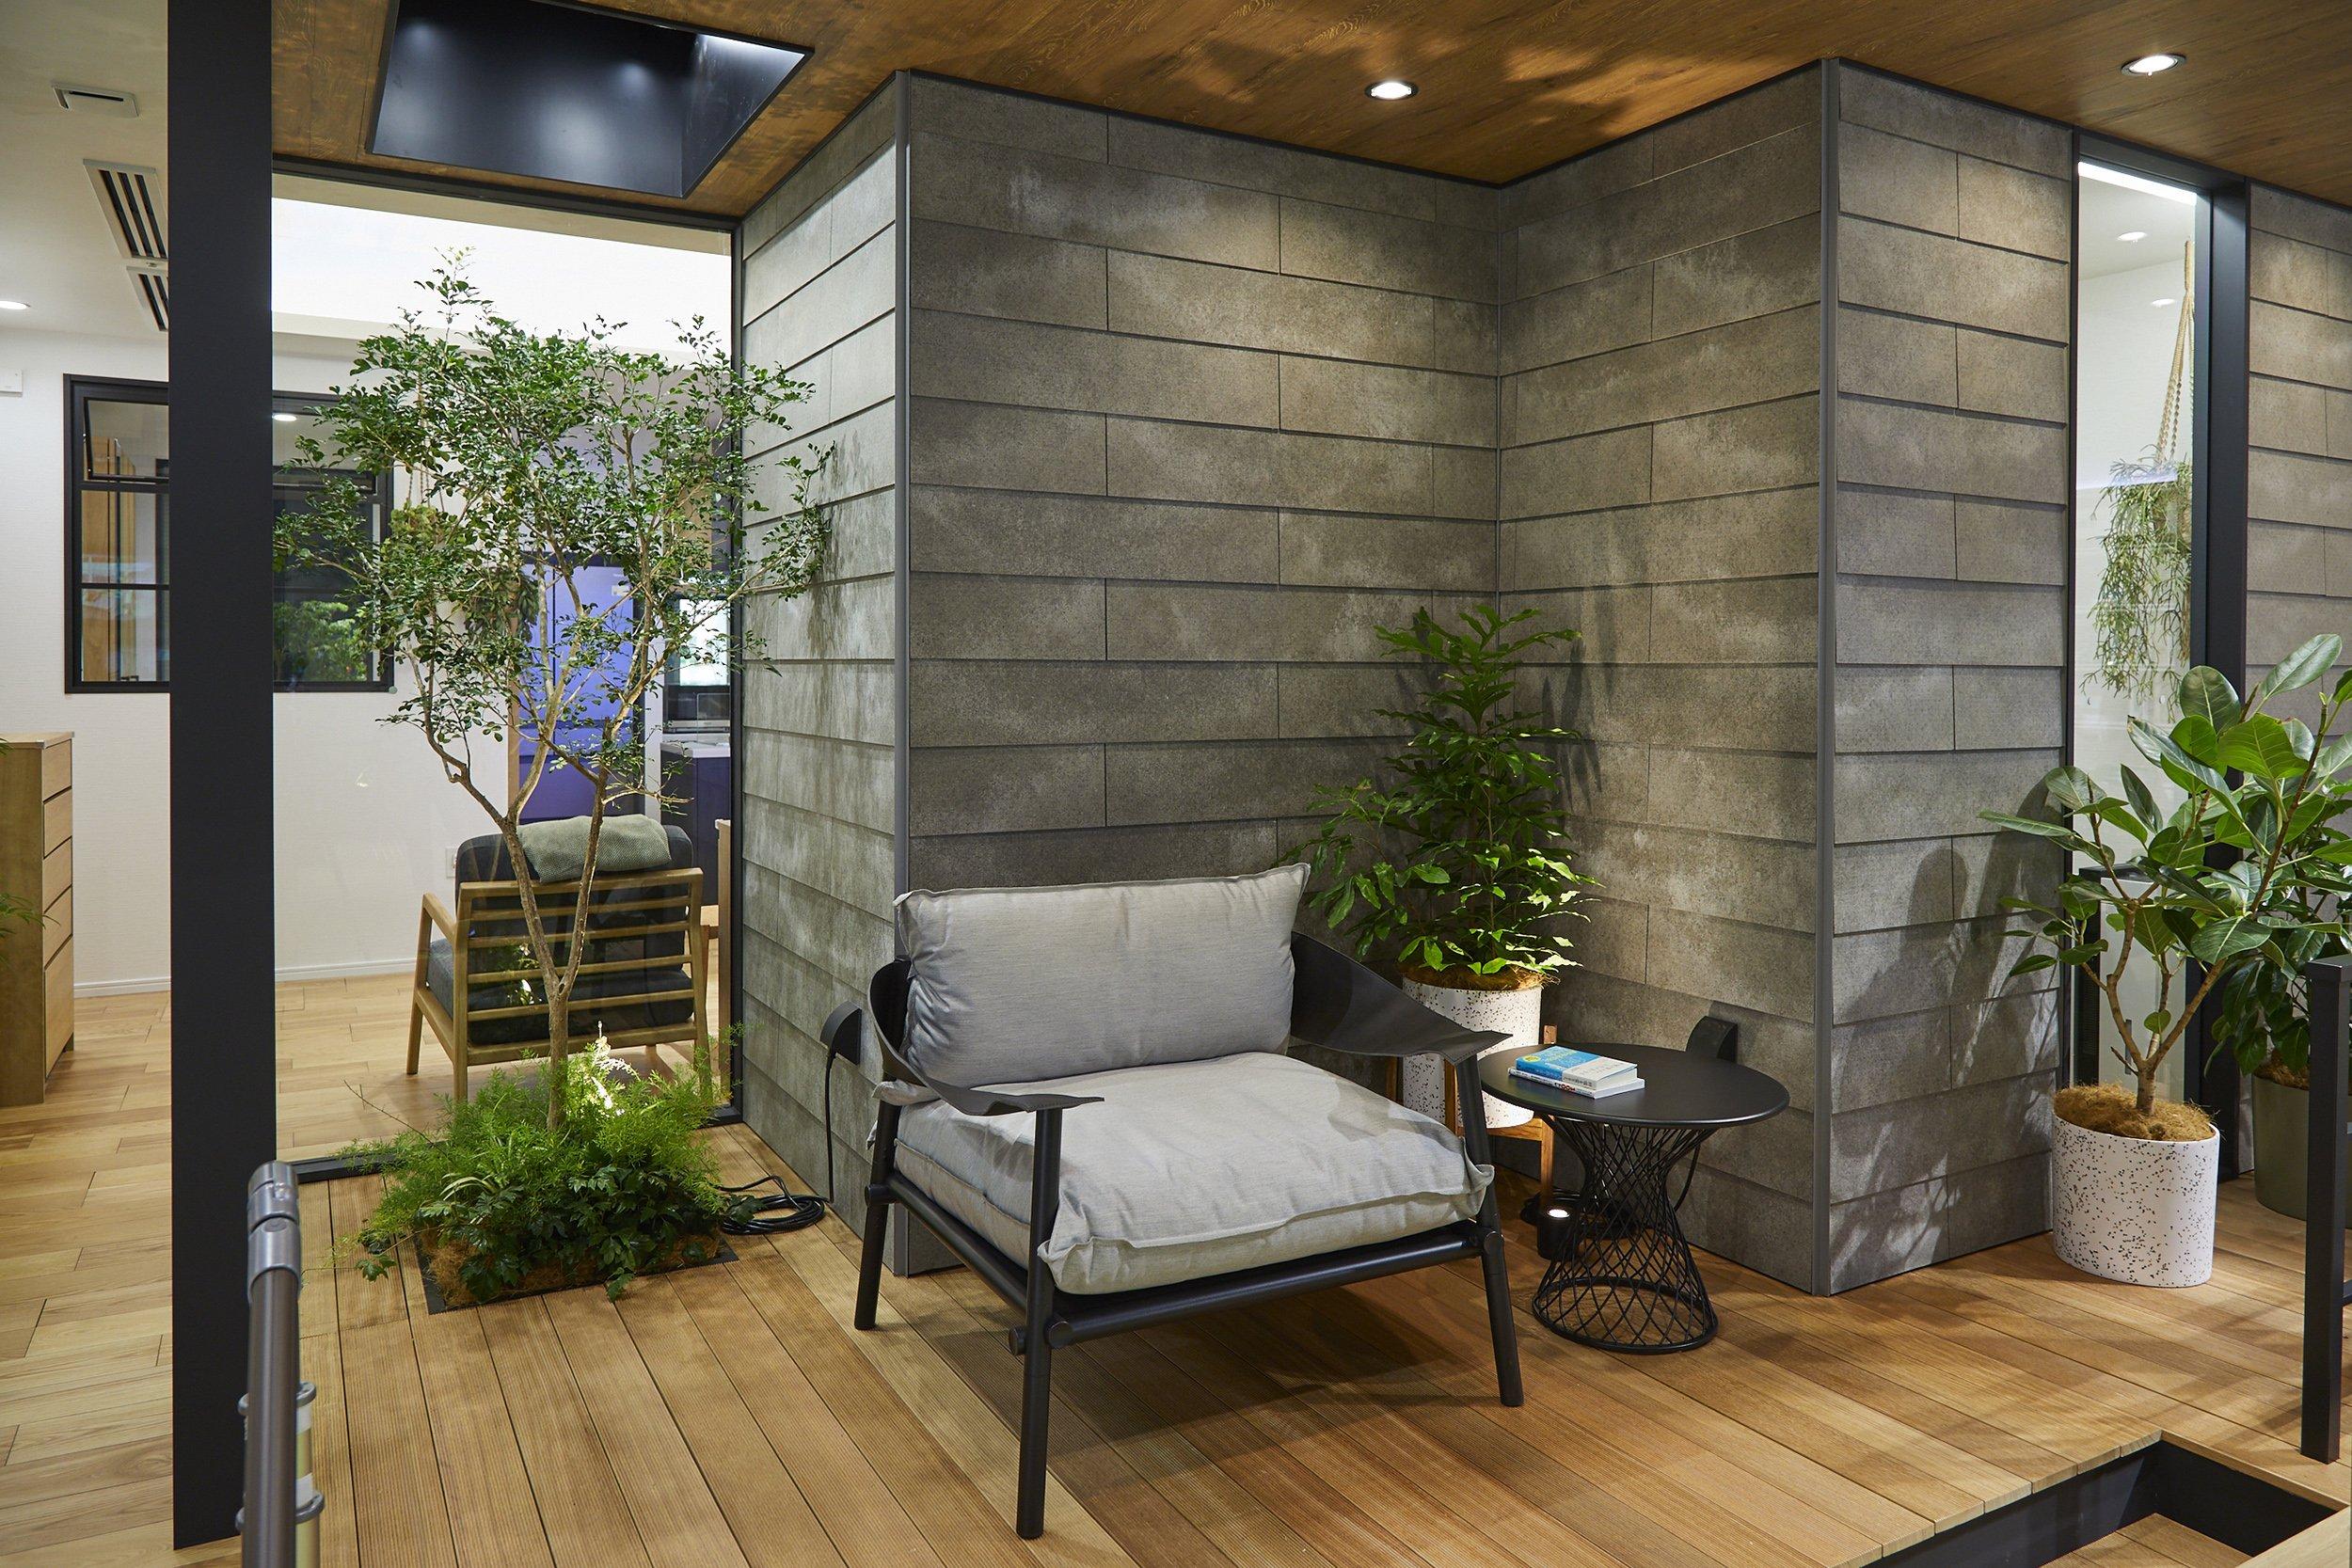 写真:緑と照明を効果的に取り込んだ住空間